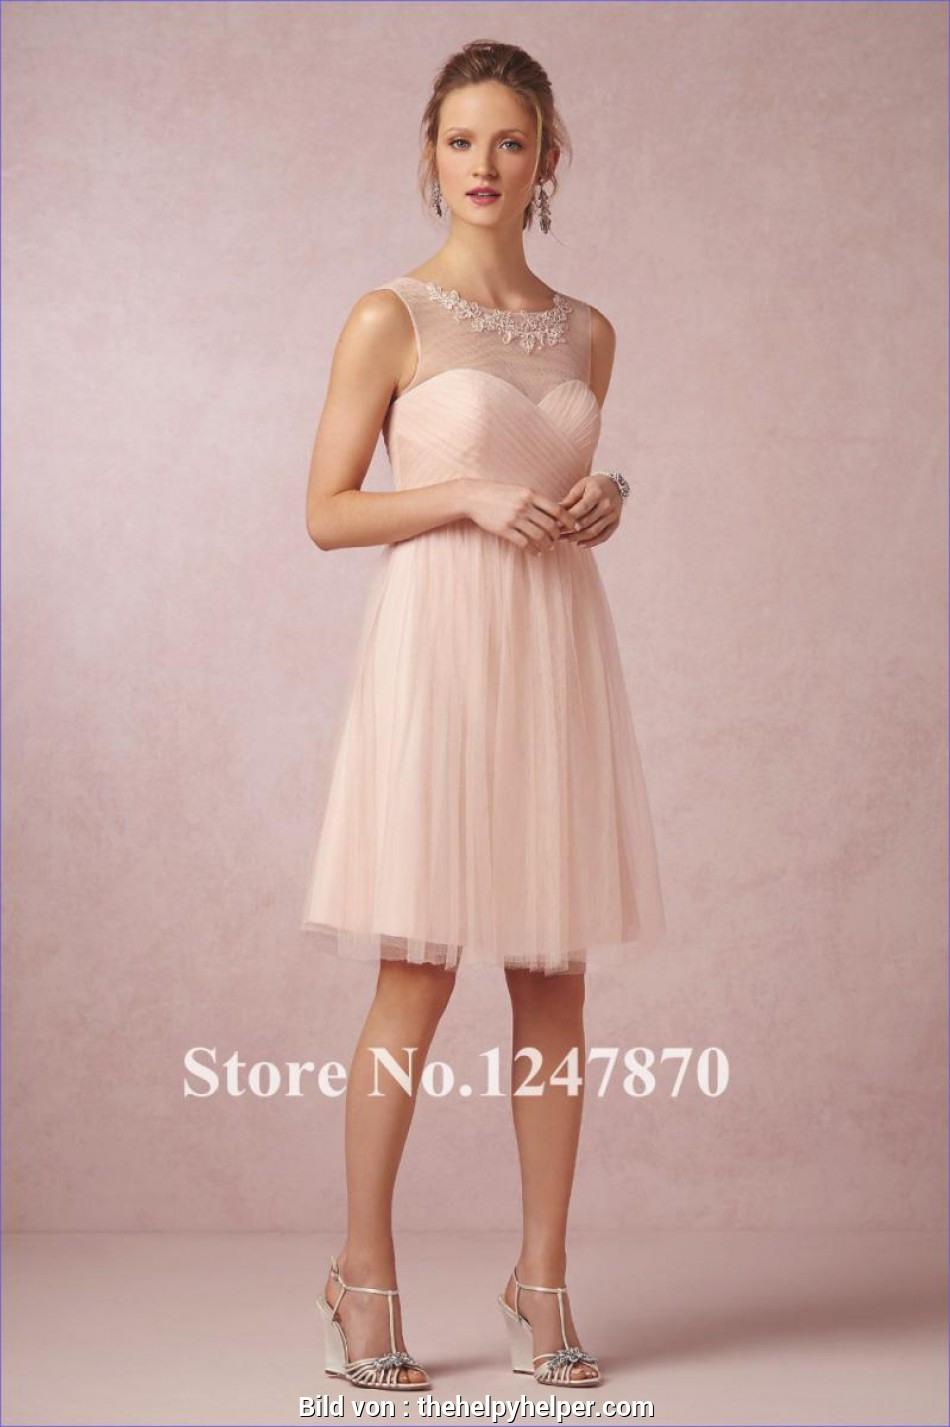 13 Perfekt Schicke Abendkleider Für Hochzeit Boutique13 Perfekt Schicke Abendkleider Für Hochzeit Spezialgebiet